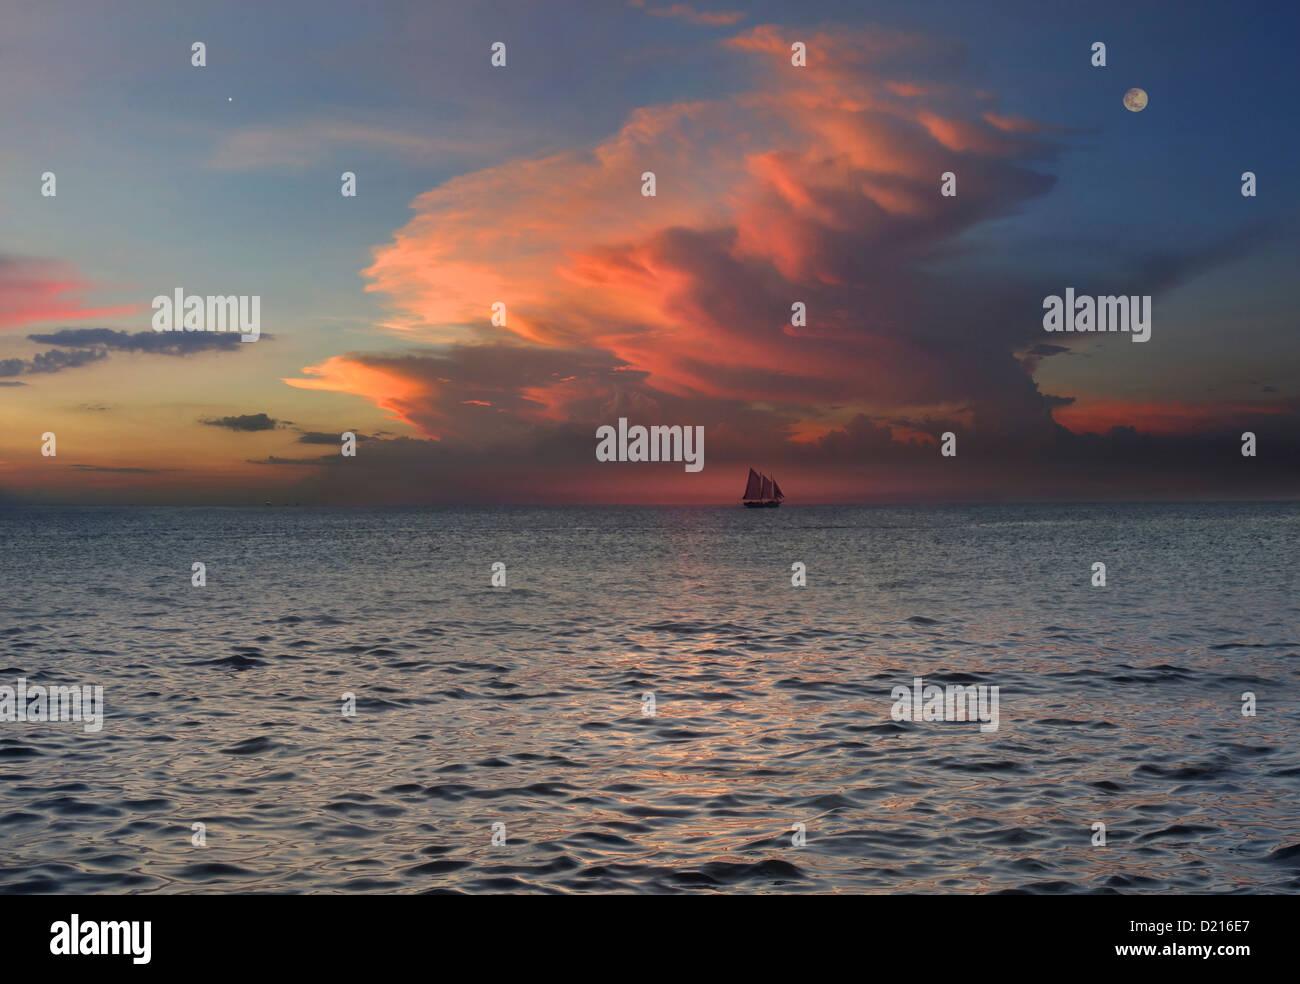 Vista di sloop all'orizzonte al tramonto, Boracay, Filippine, Asia Immagini Stock